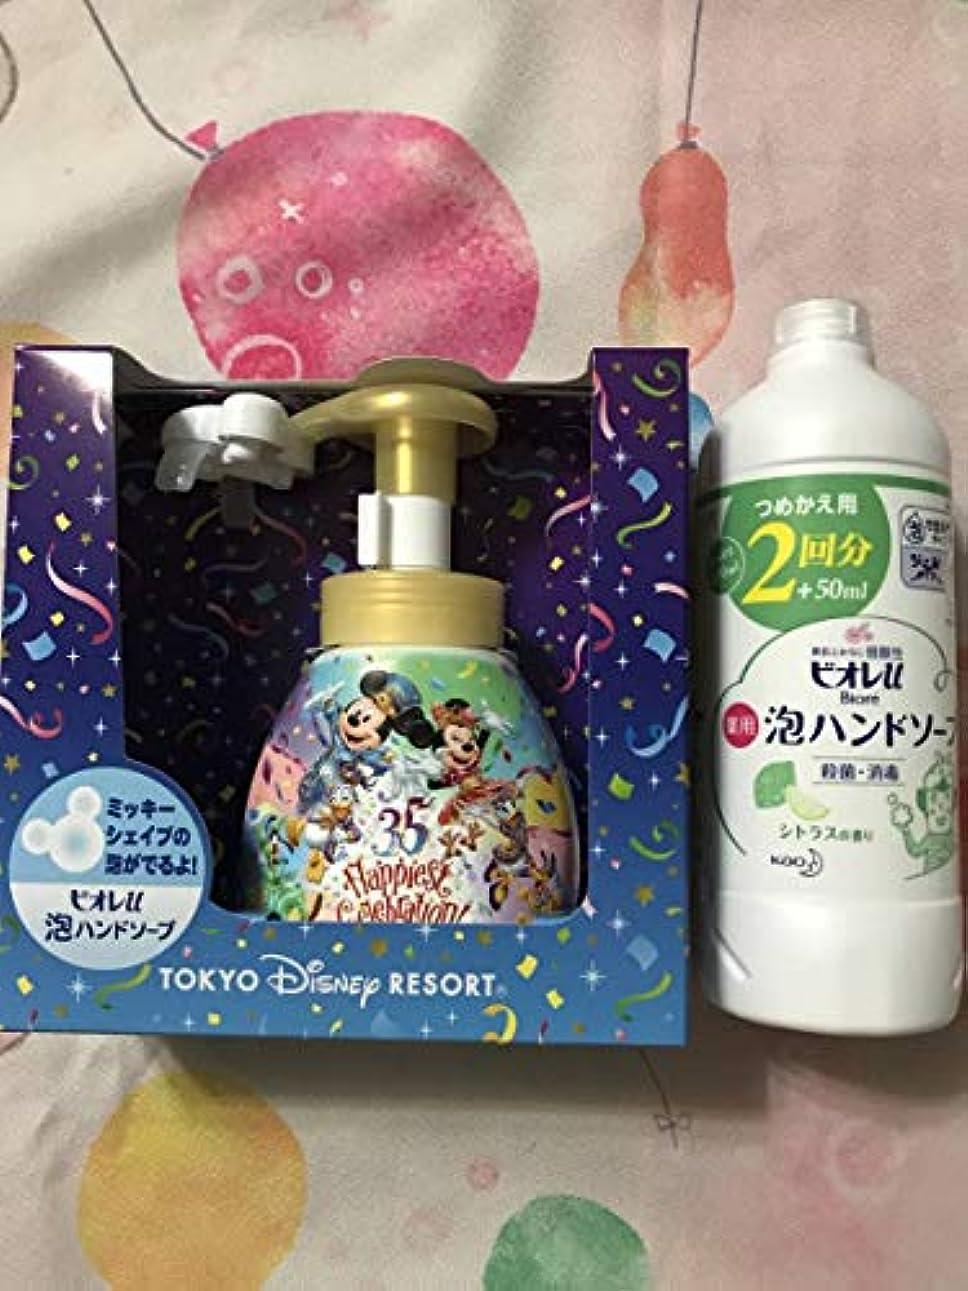 サイズ概要競うミッキー シェイプ ハンドソープ 東京ディズニーリゾート 35周年 記念 石鹸 ビオレU 詰め替え シトラスの香り付き